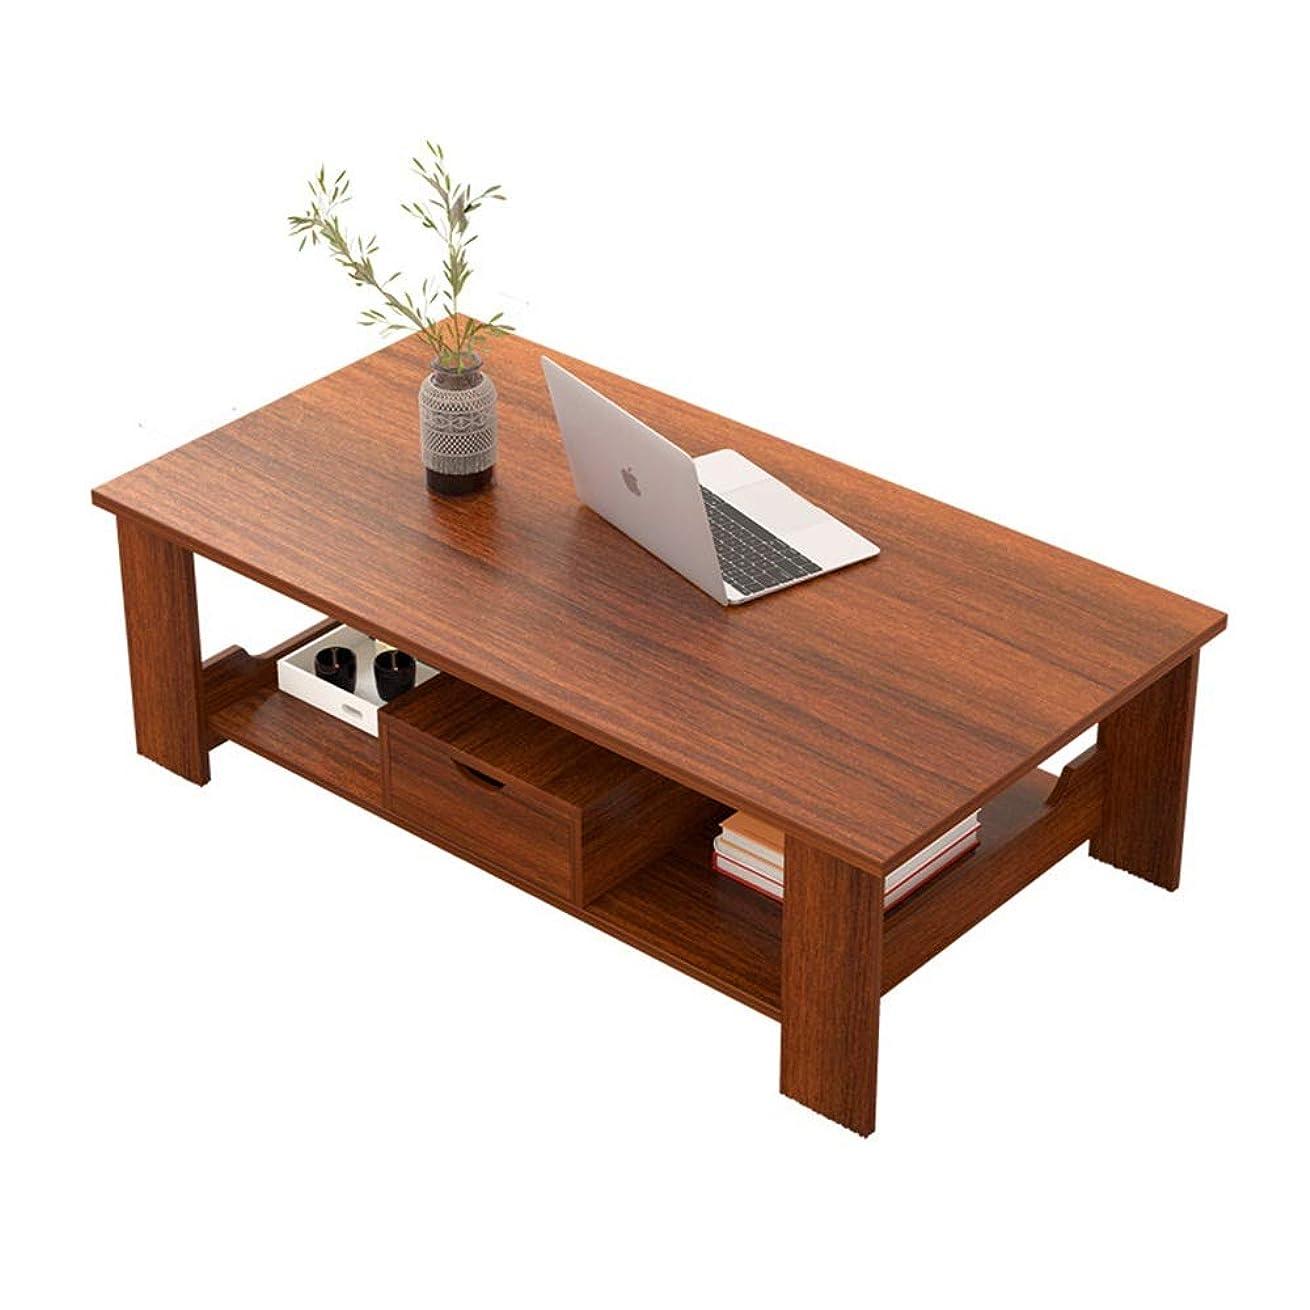 北方怠感標準安定したコーヒーテーブル ストレージシェルフカクテルテレビ表ソファ表簡単な組み立てウッドルック家具付きコーヒーテーブル 暖かい感じ (色 : 褐色, Size : 100x50x41.5cm)